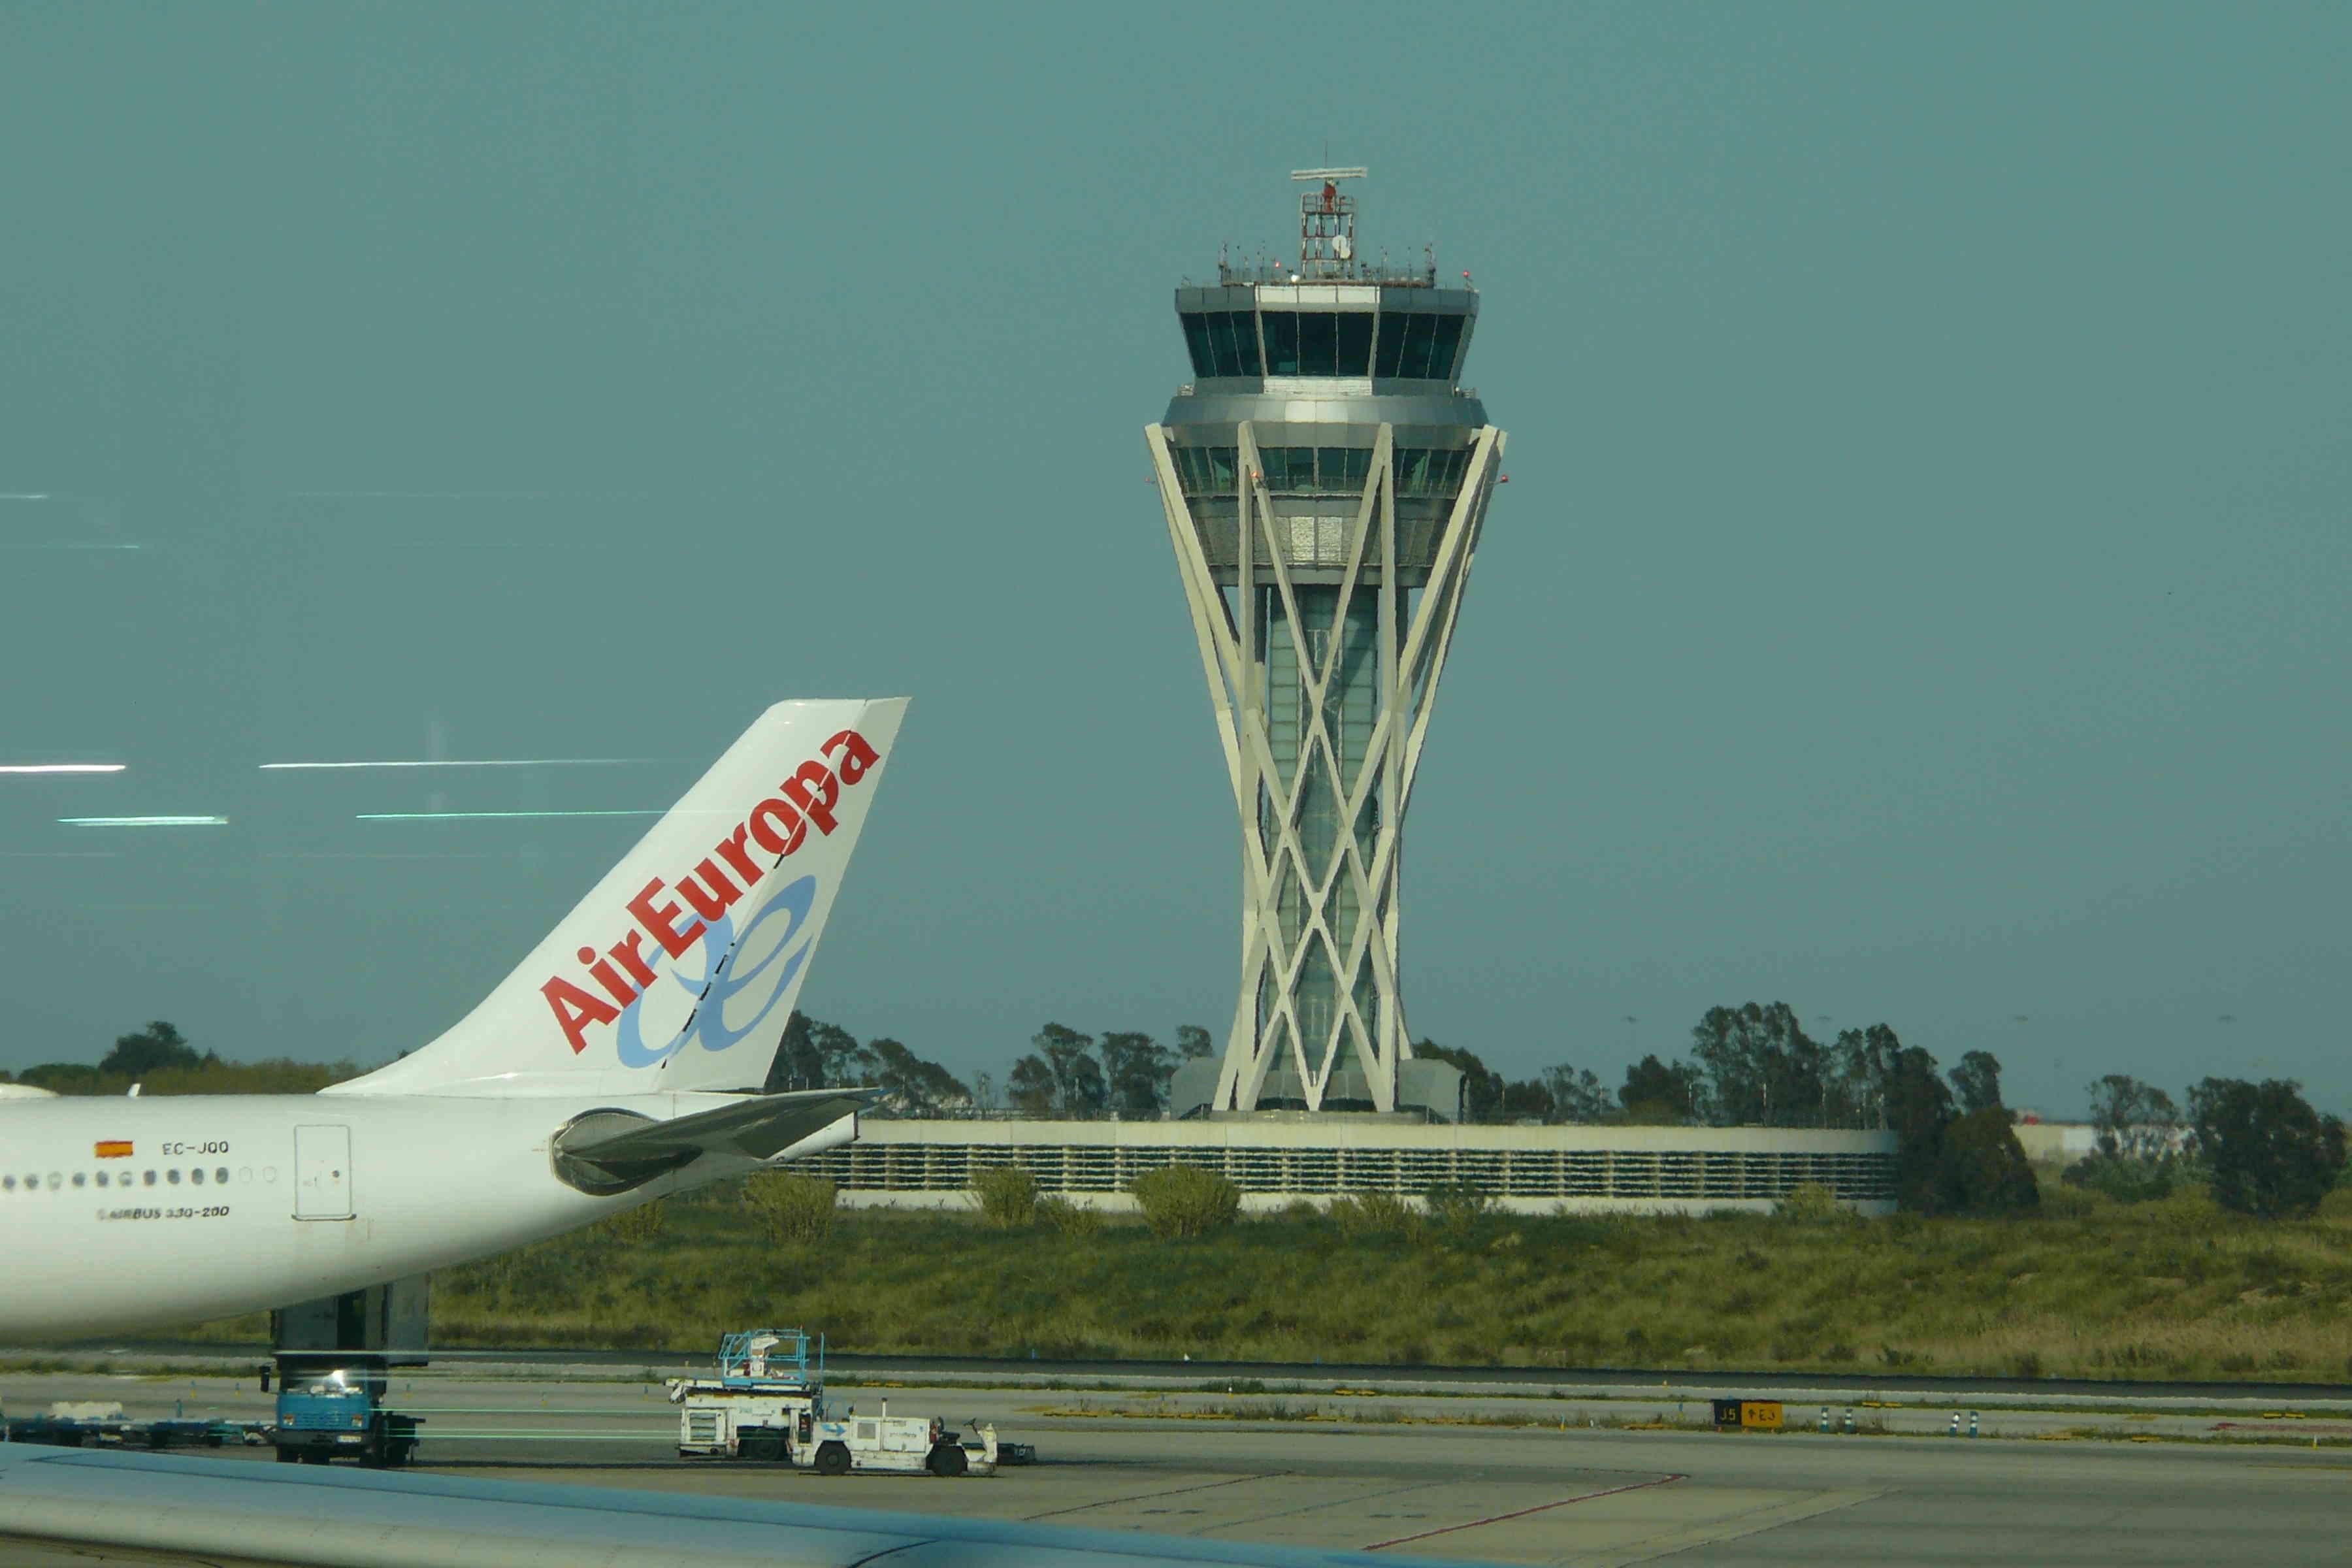 El Prat - Aeropuerto de Barcelona P1170325